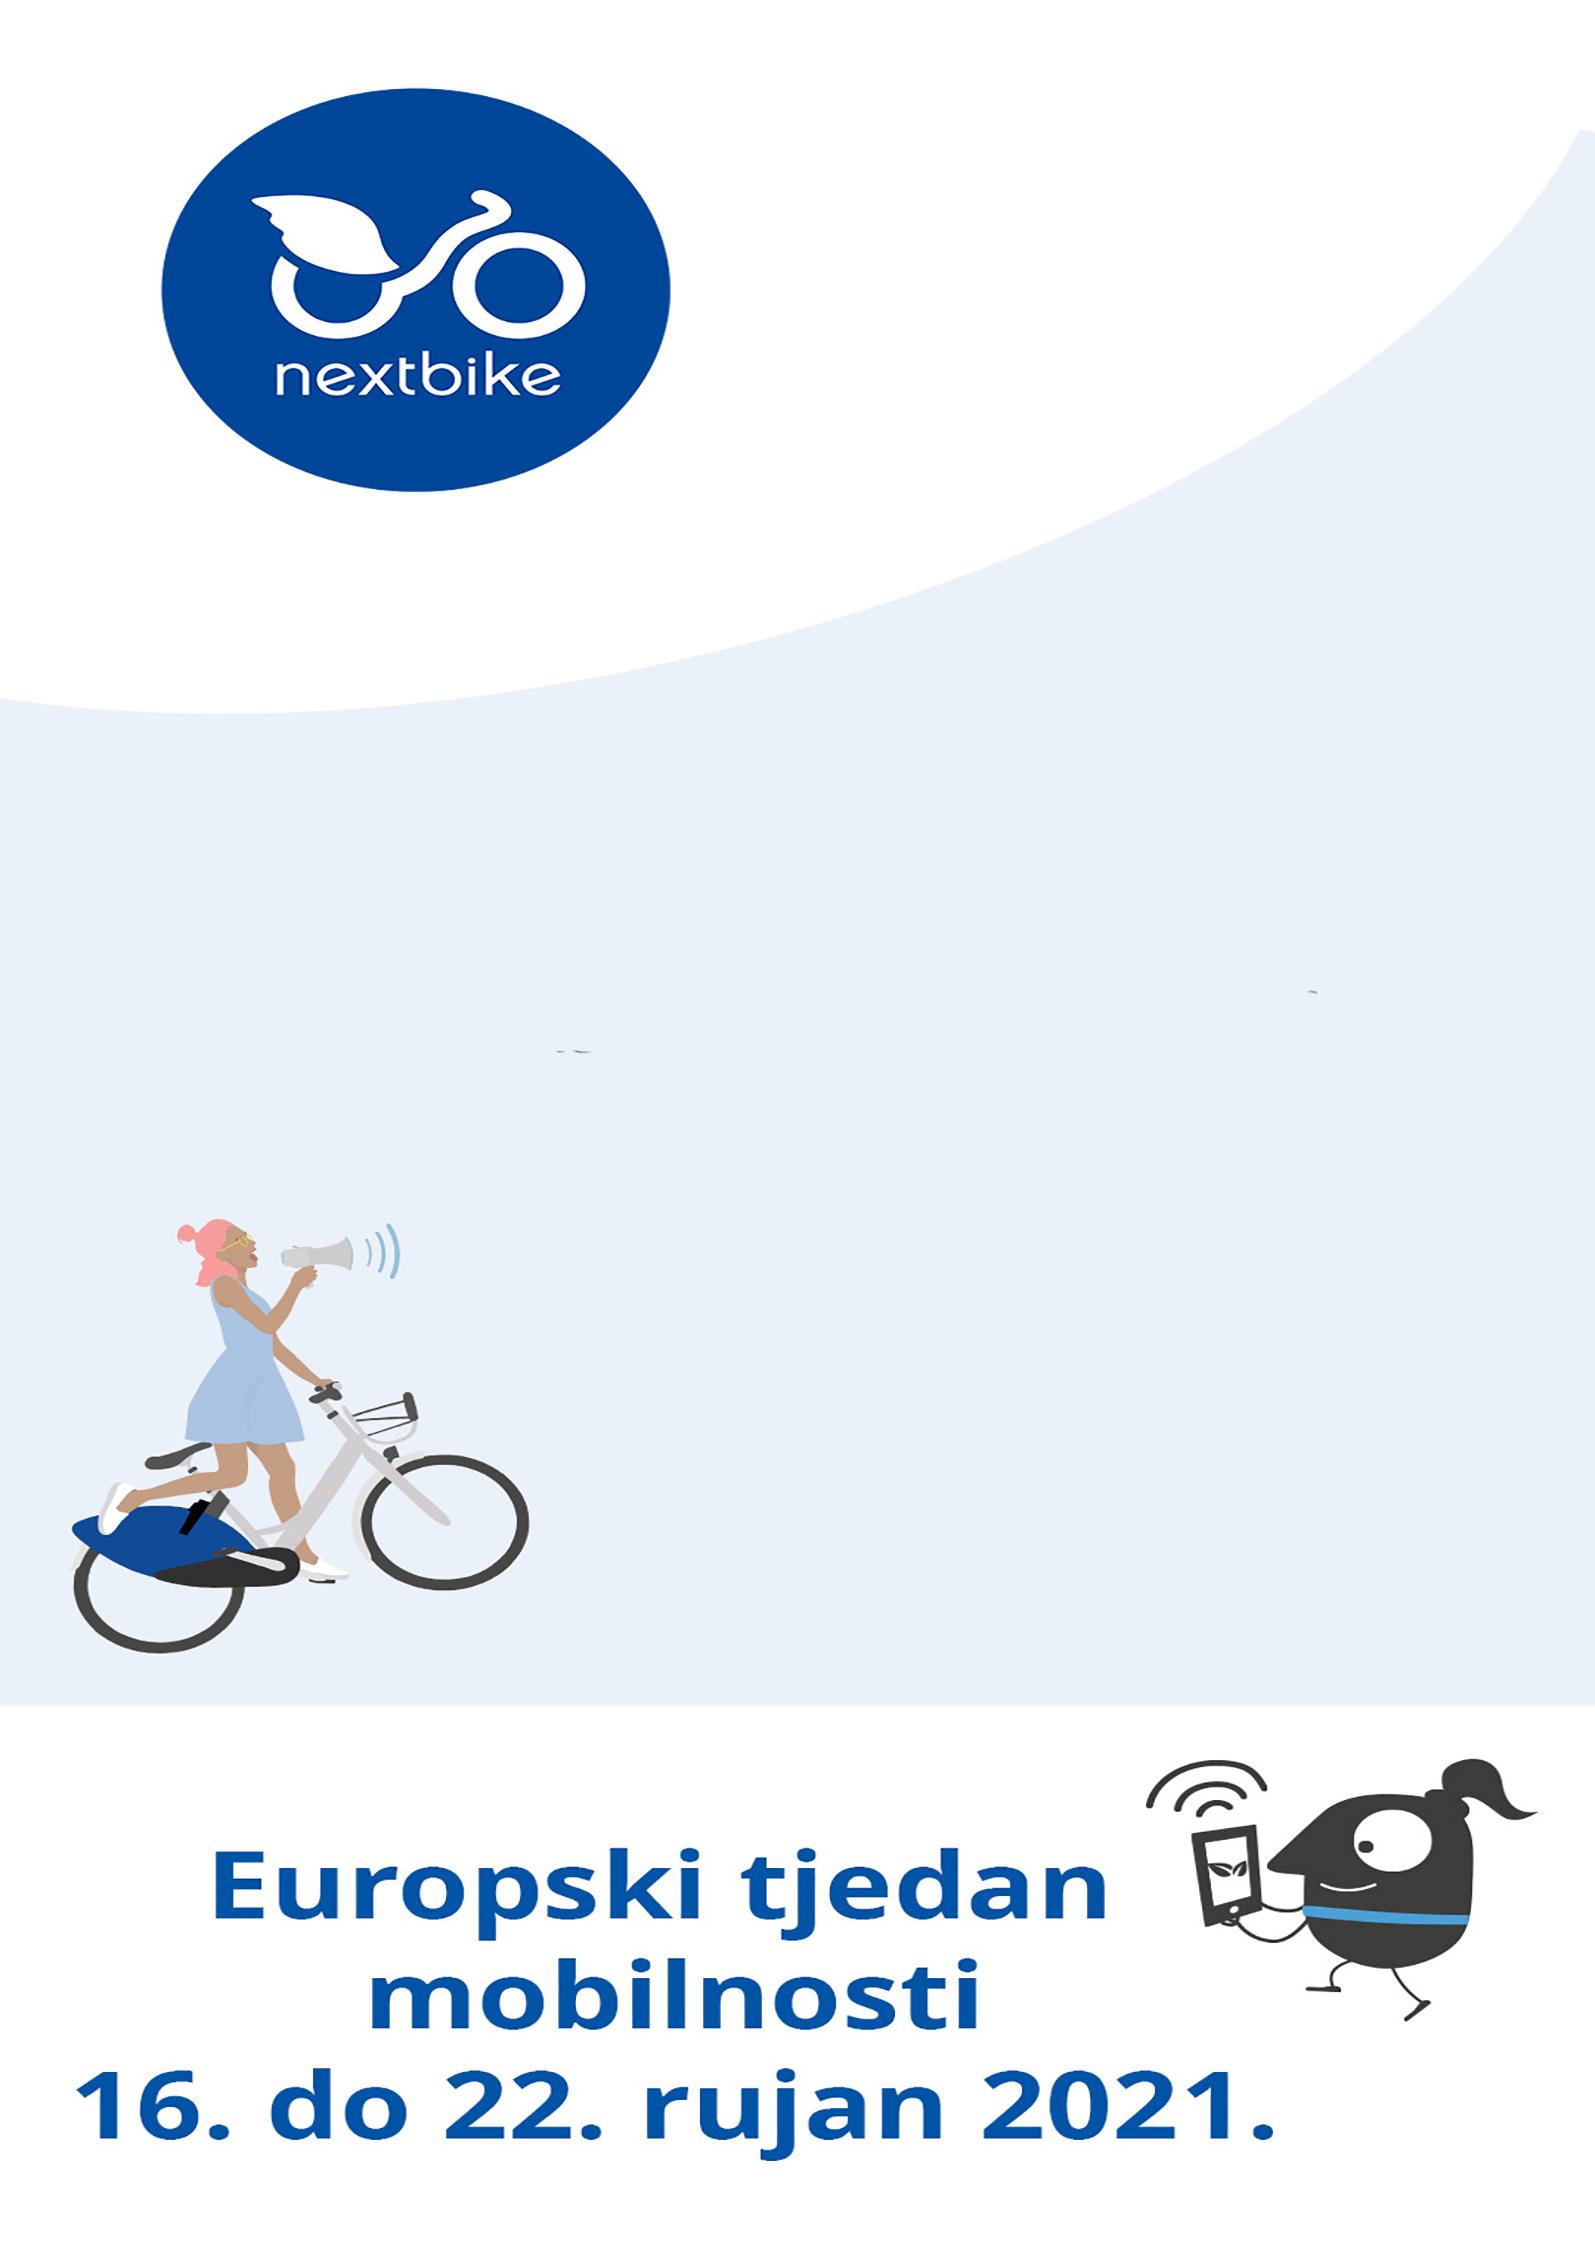 Europski tjedan mobilnosti u Šibeniku